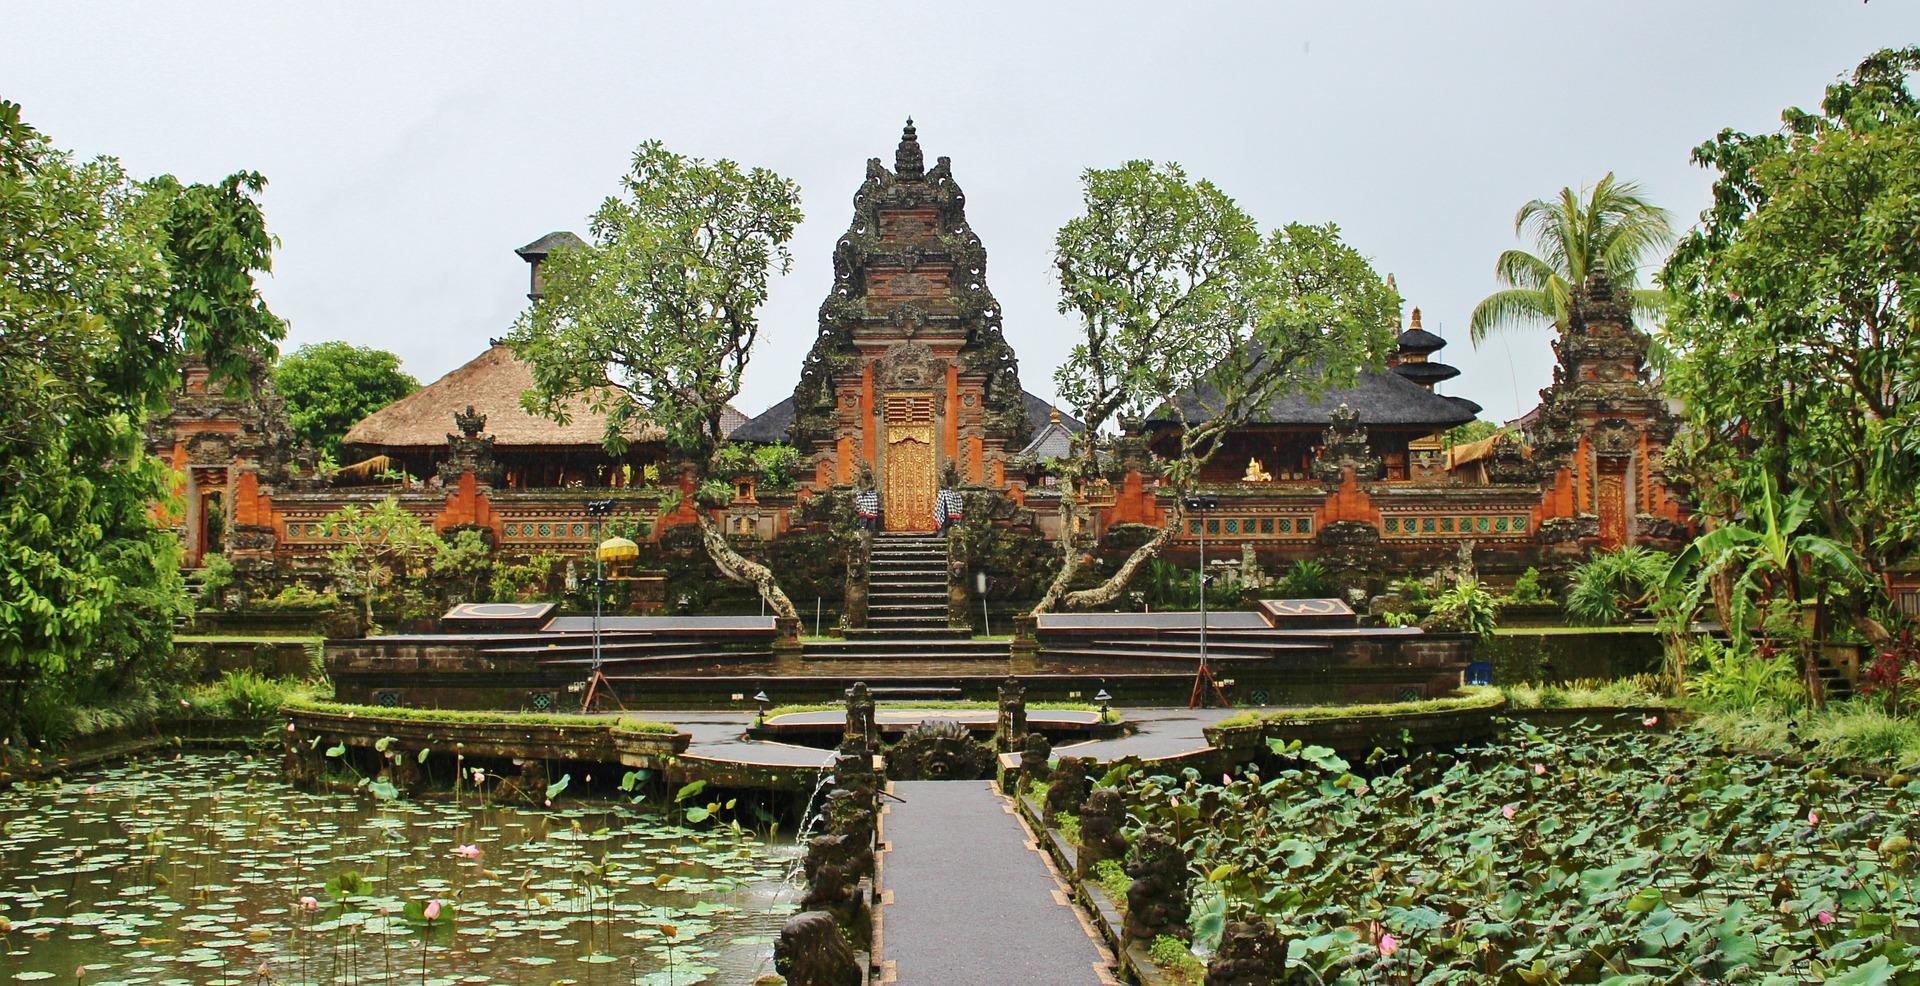 bali l'île des dieux temple